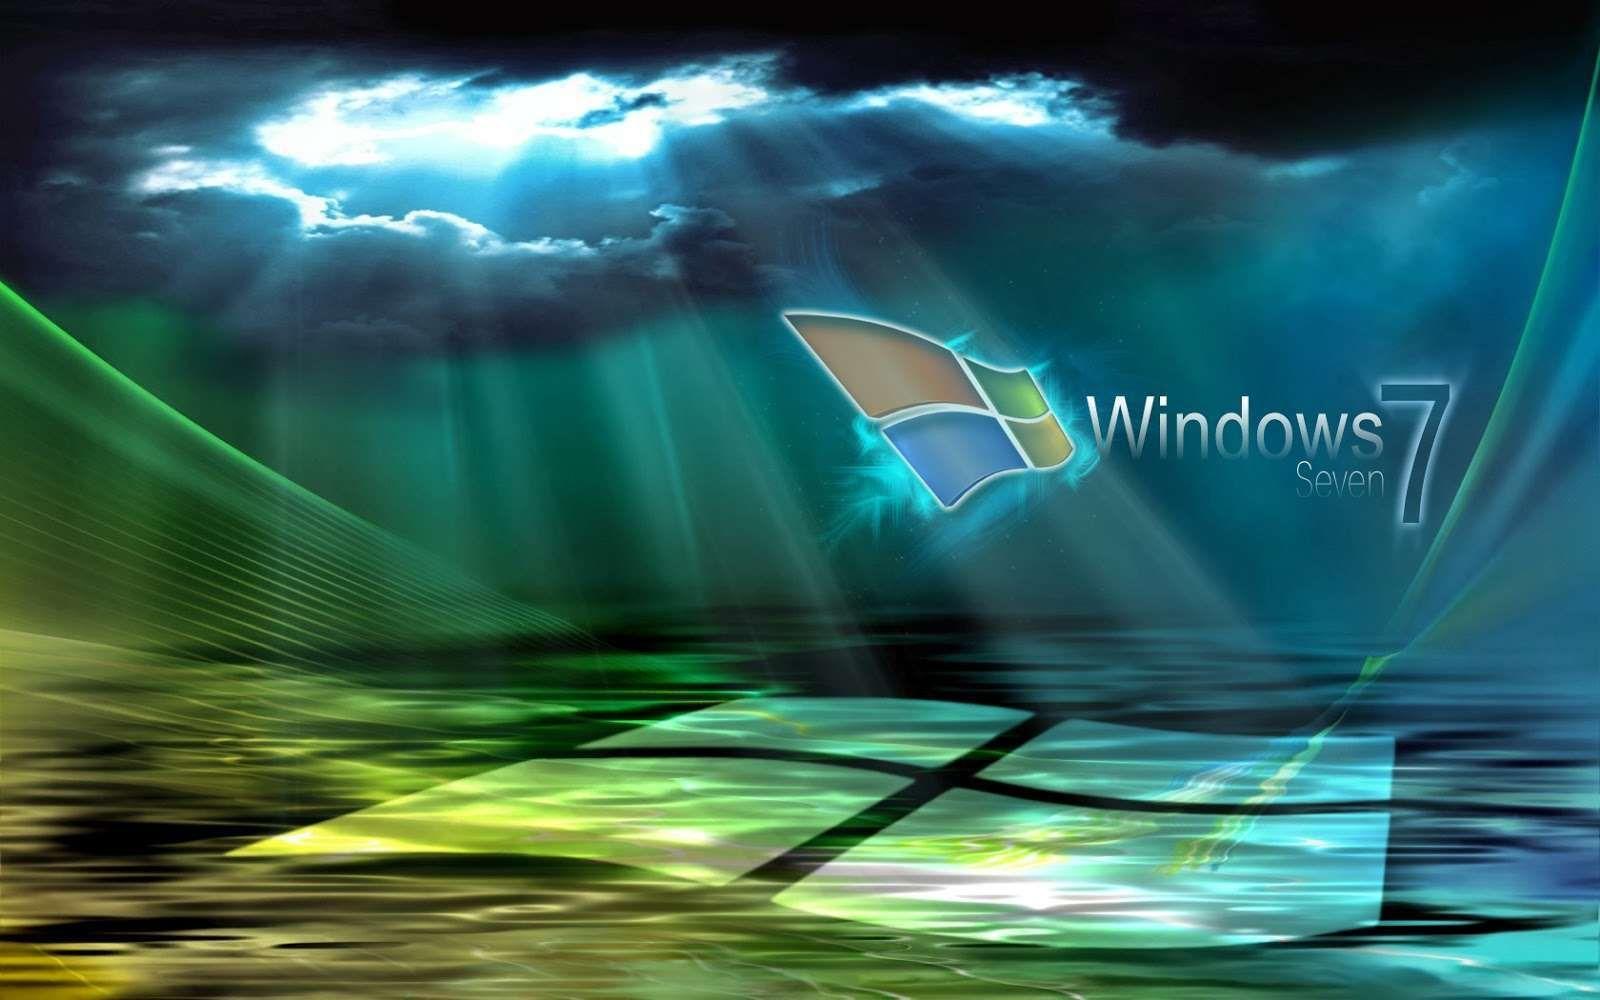 Cute Hd Wallpapers For Desktop Windows 7